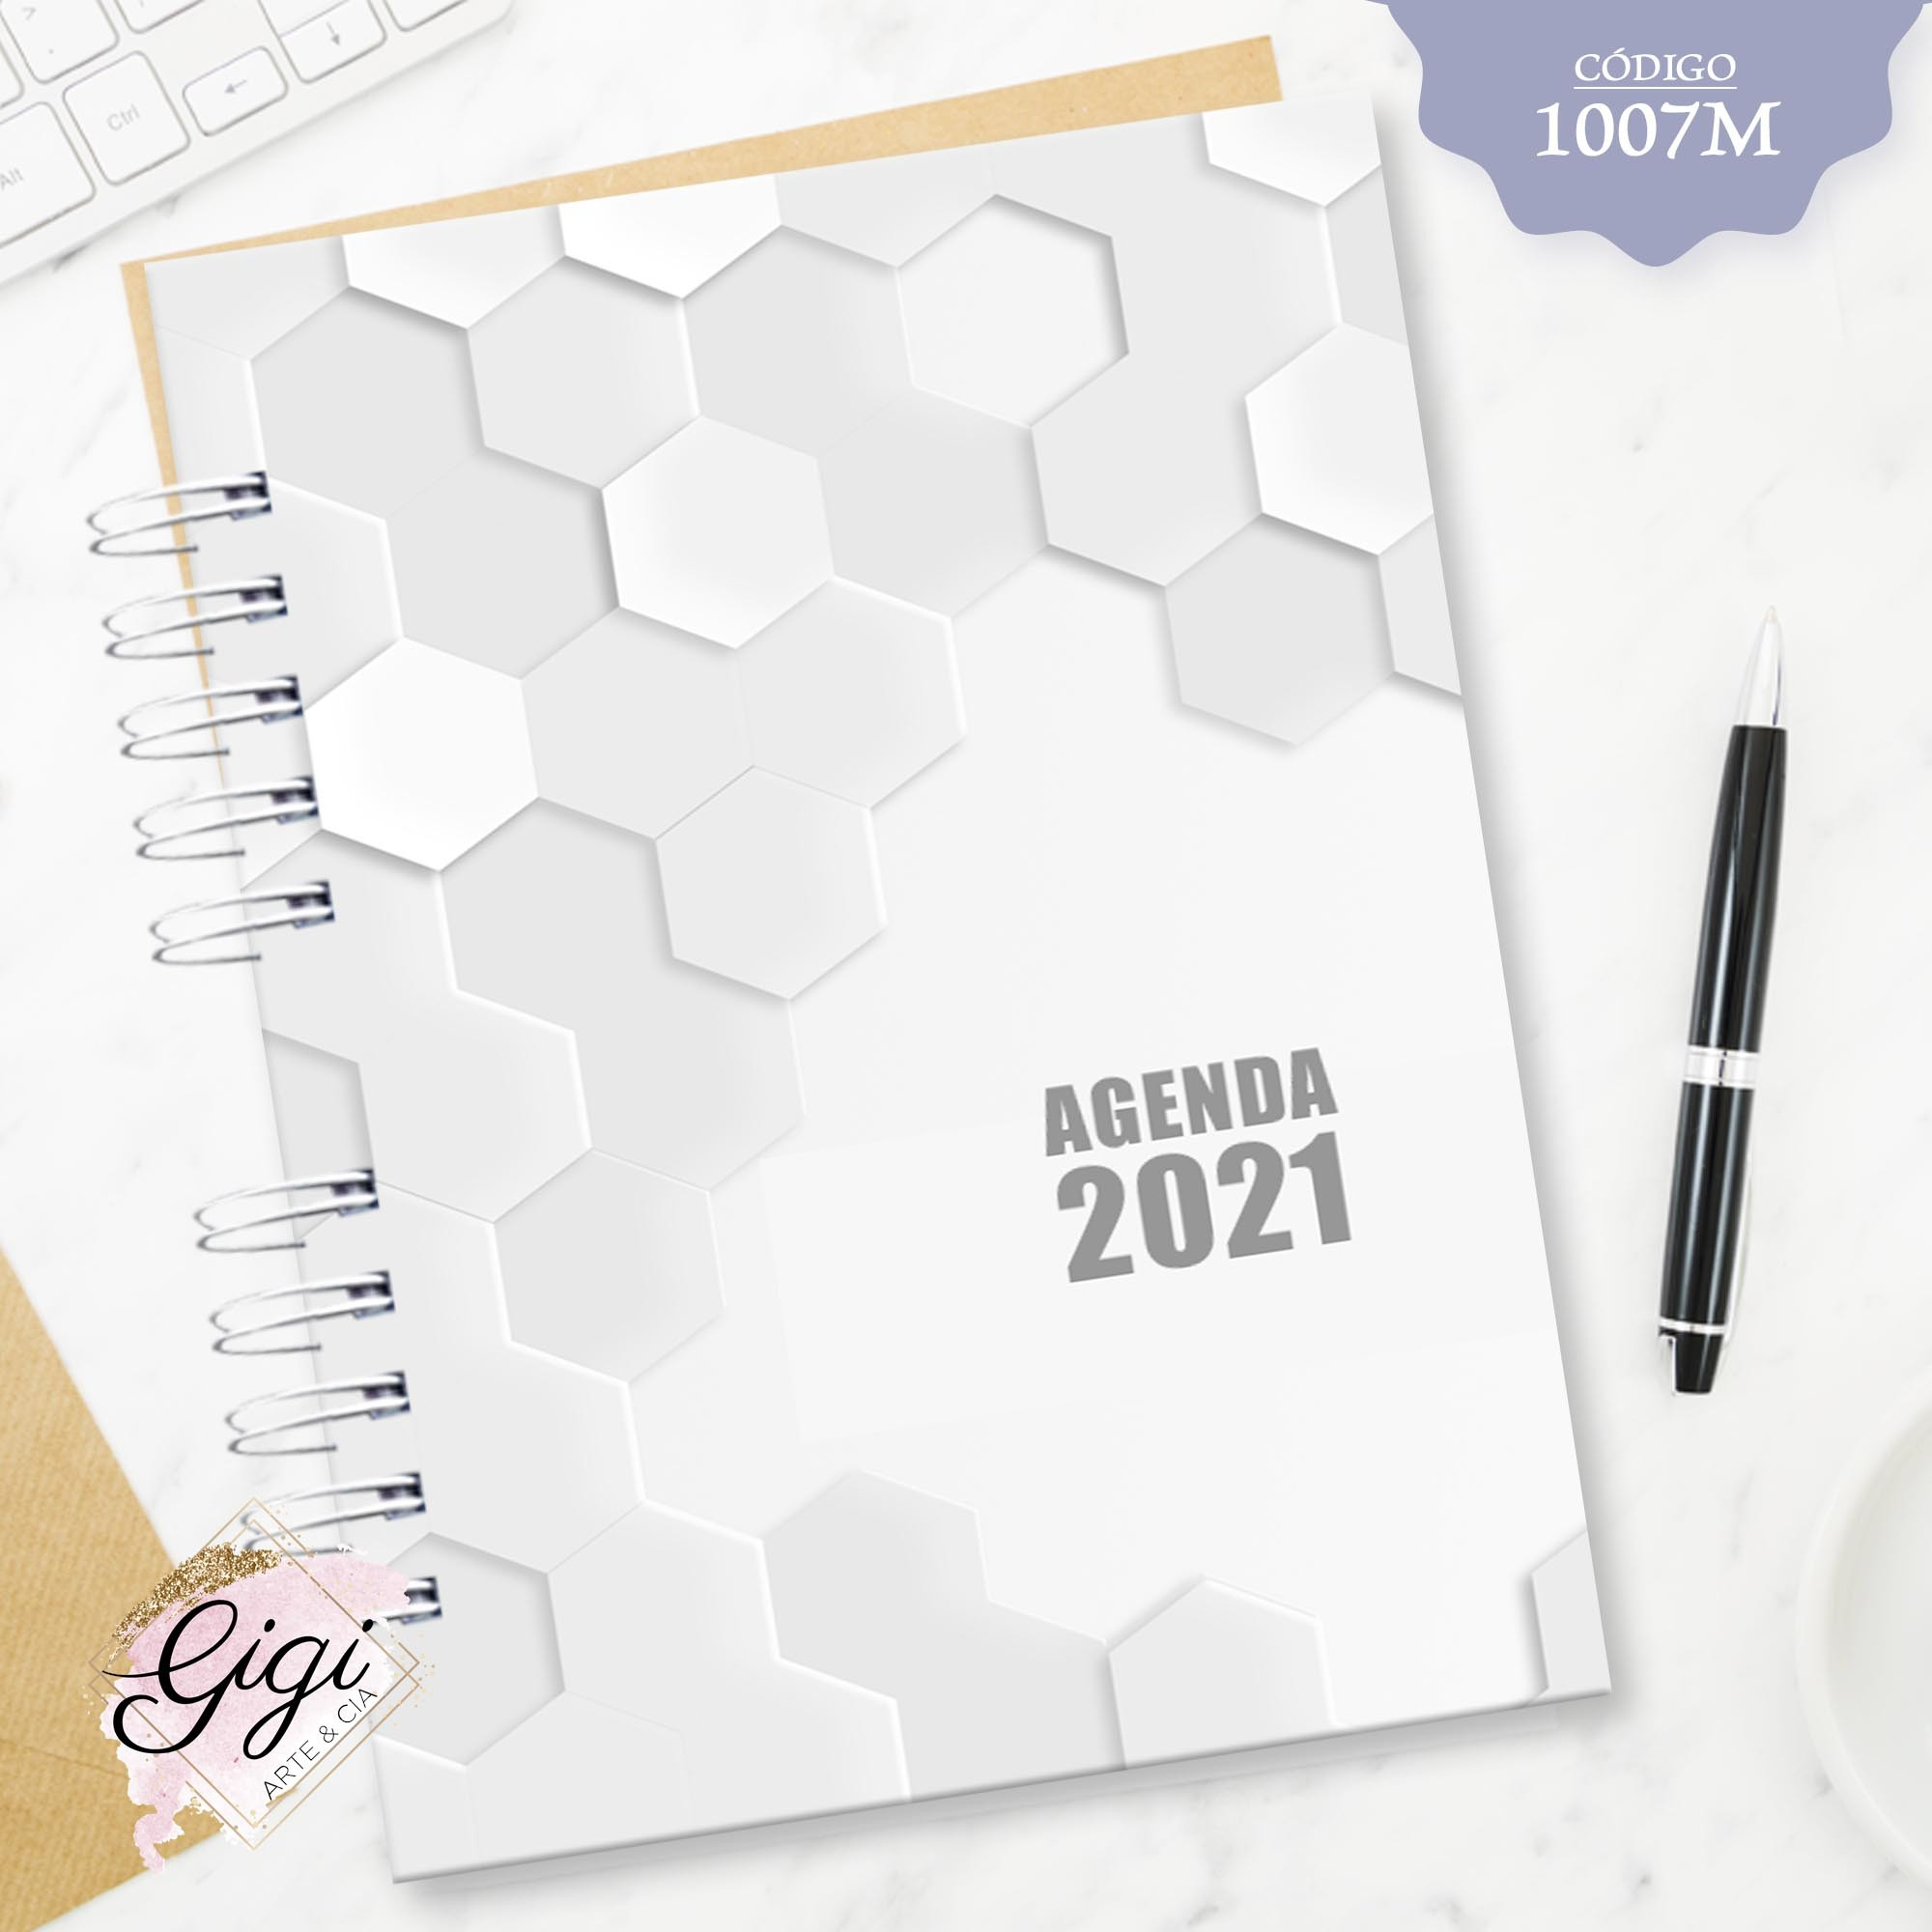 Hexágonos 1007M - Agendas | Blocos | Cadernos  - Gigi Arte e Cia